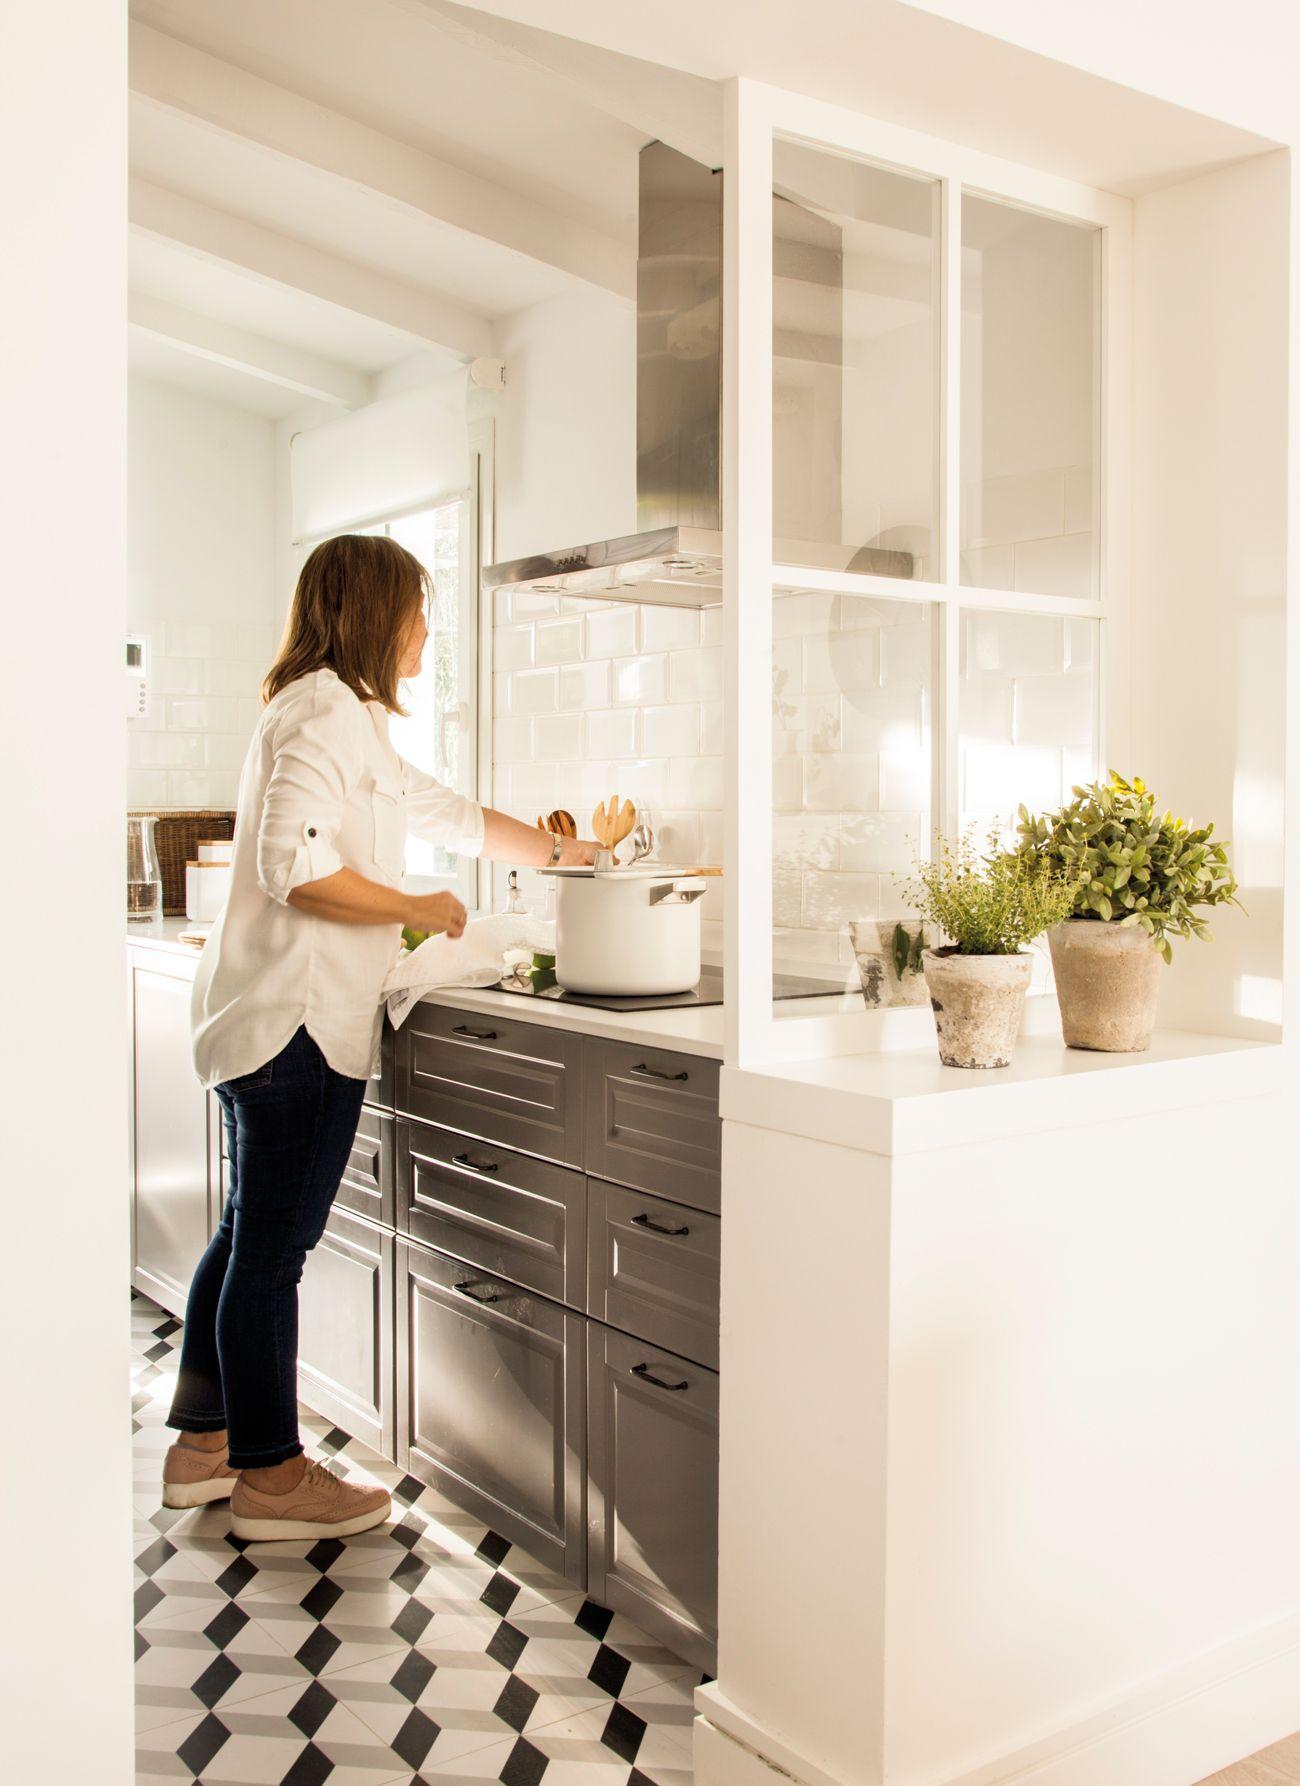 10 ideas geniales para cocinas reales | Pinterest | Cocina pequeña ...